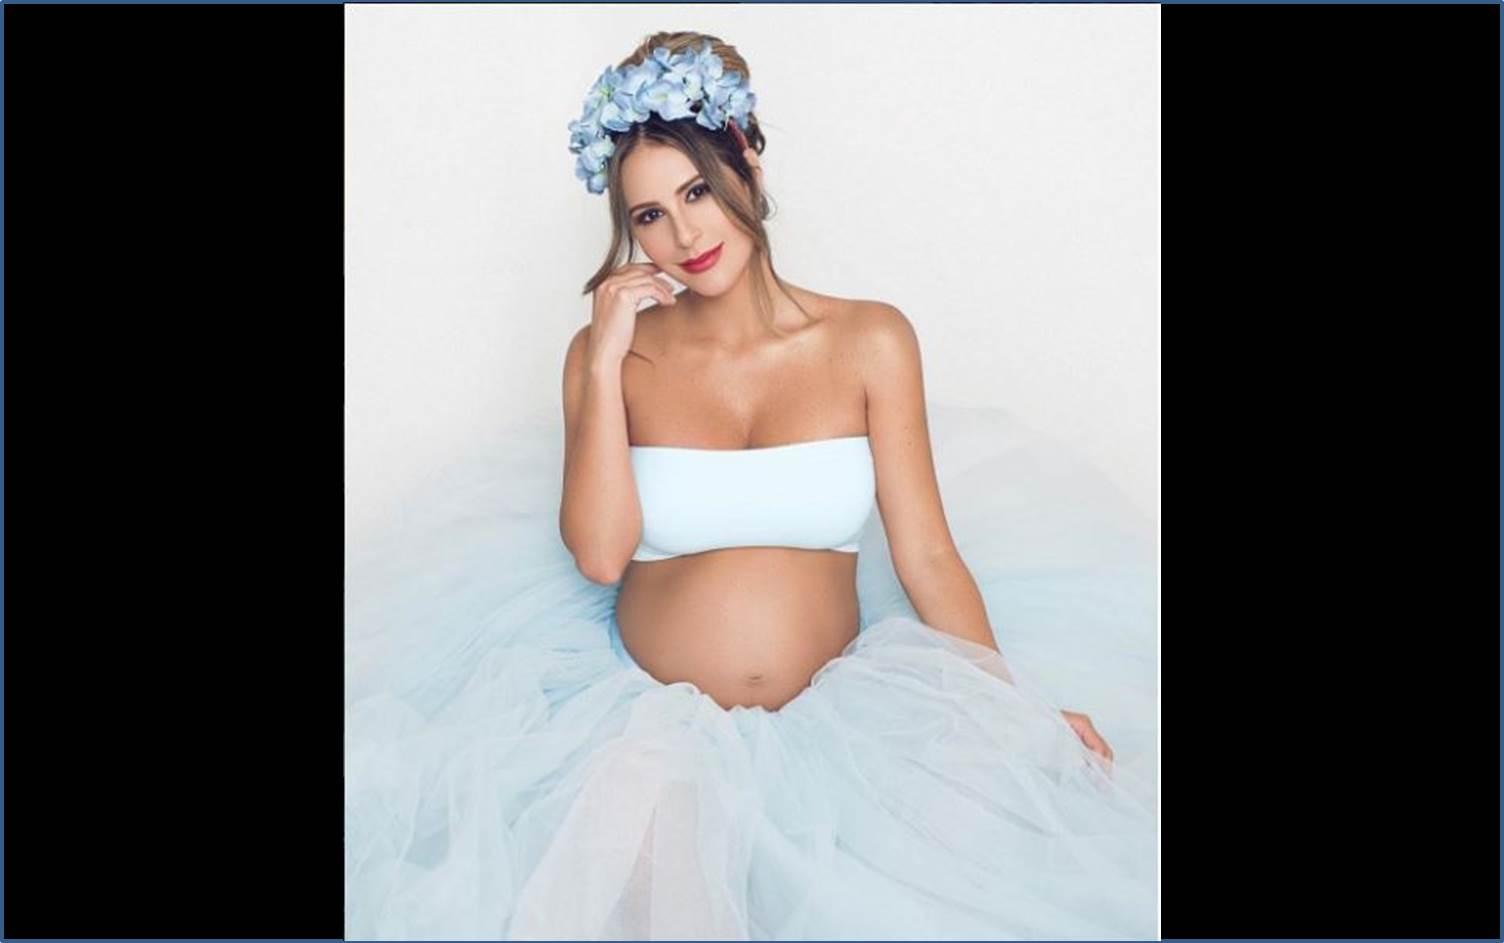 En pocos días nacerá el primer hijo de la caleña Carolina Soto